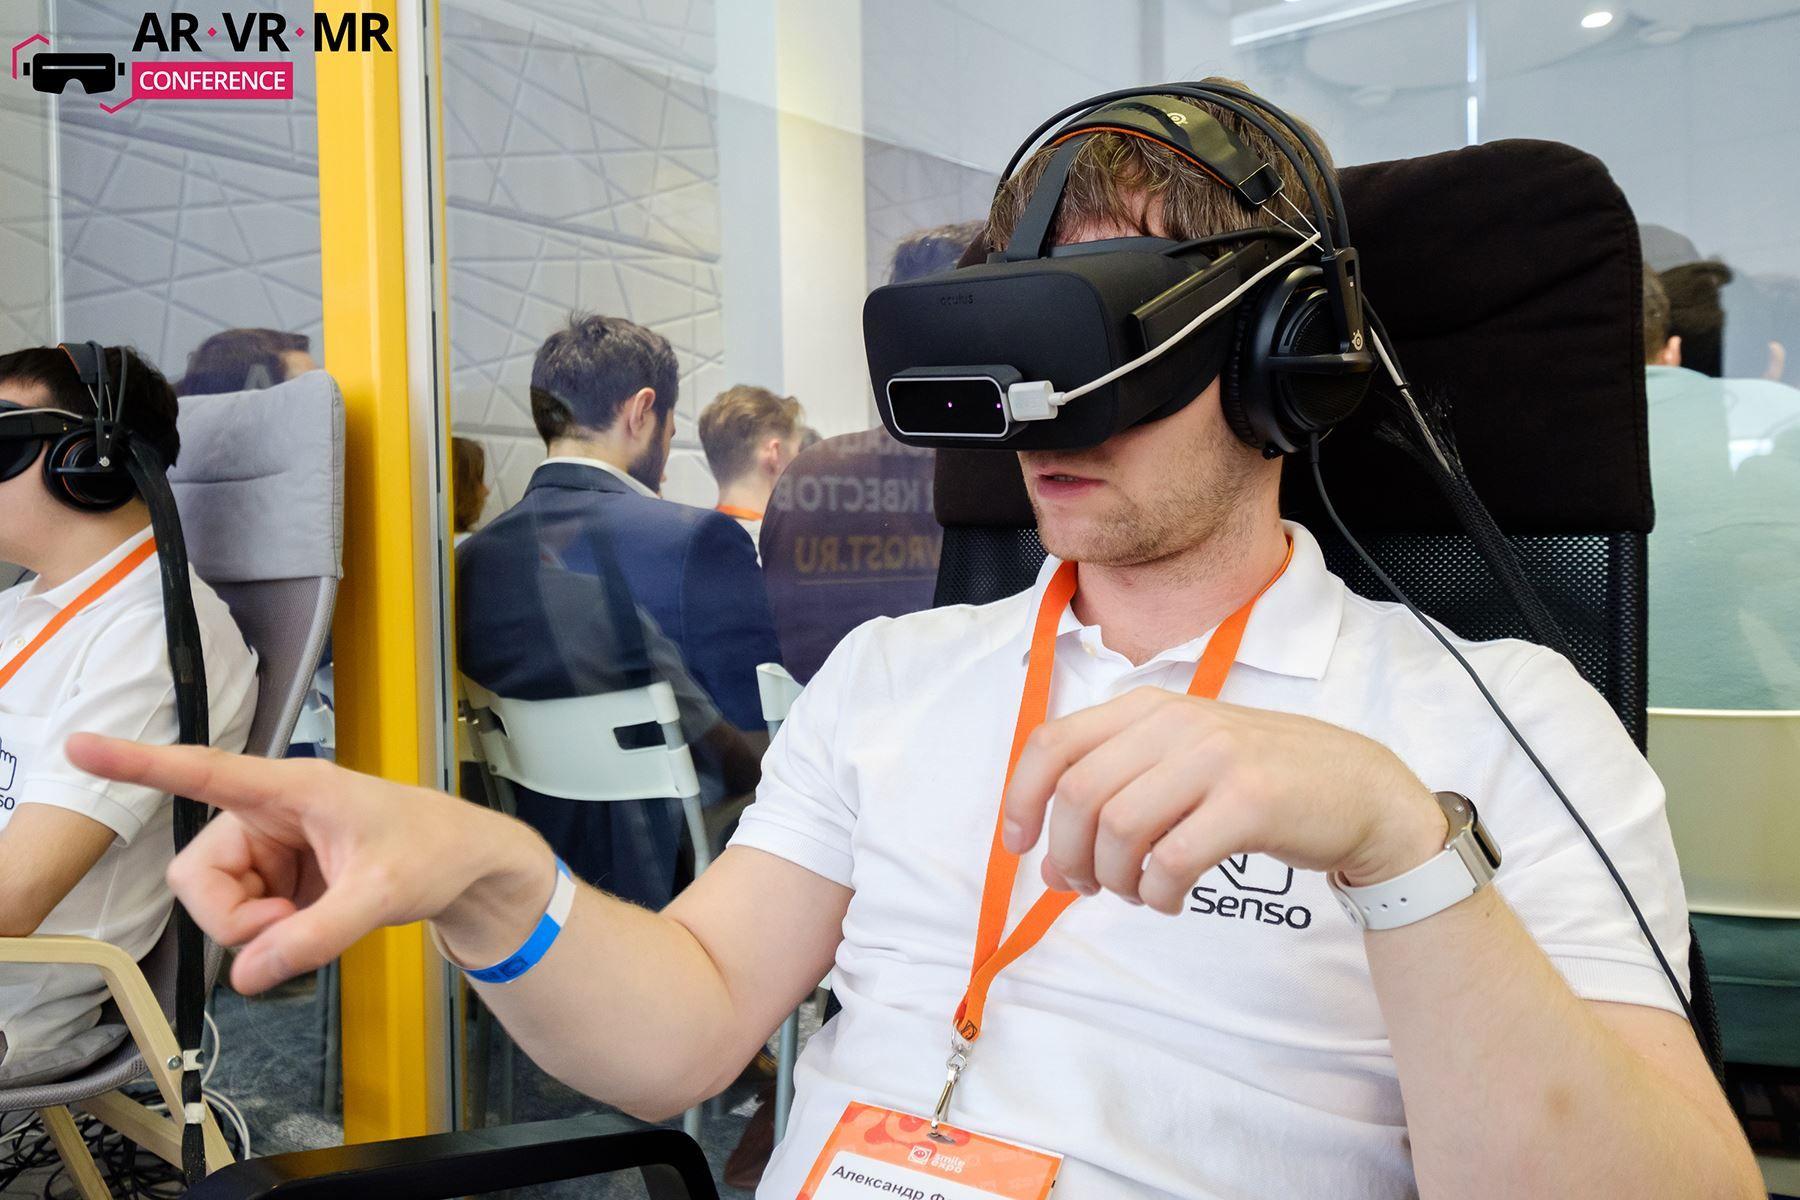 Битва стартапов AR/VR/MR технологий